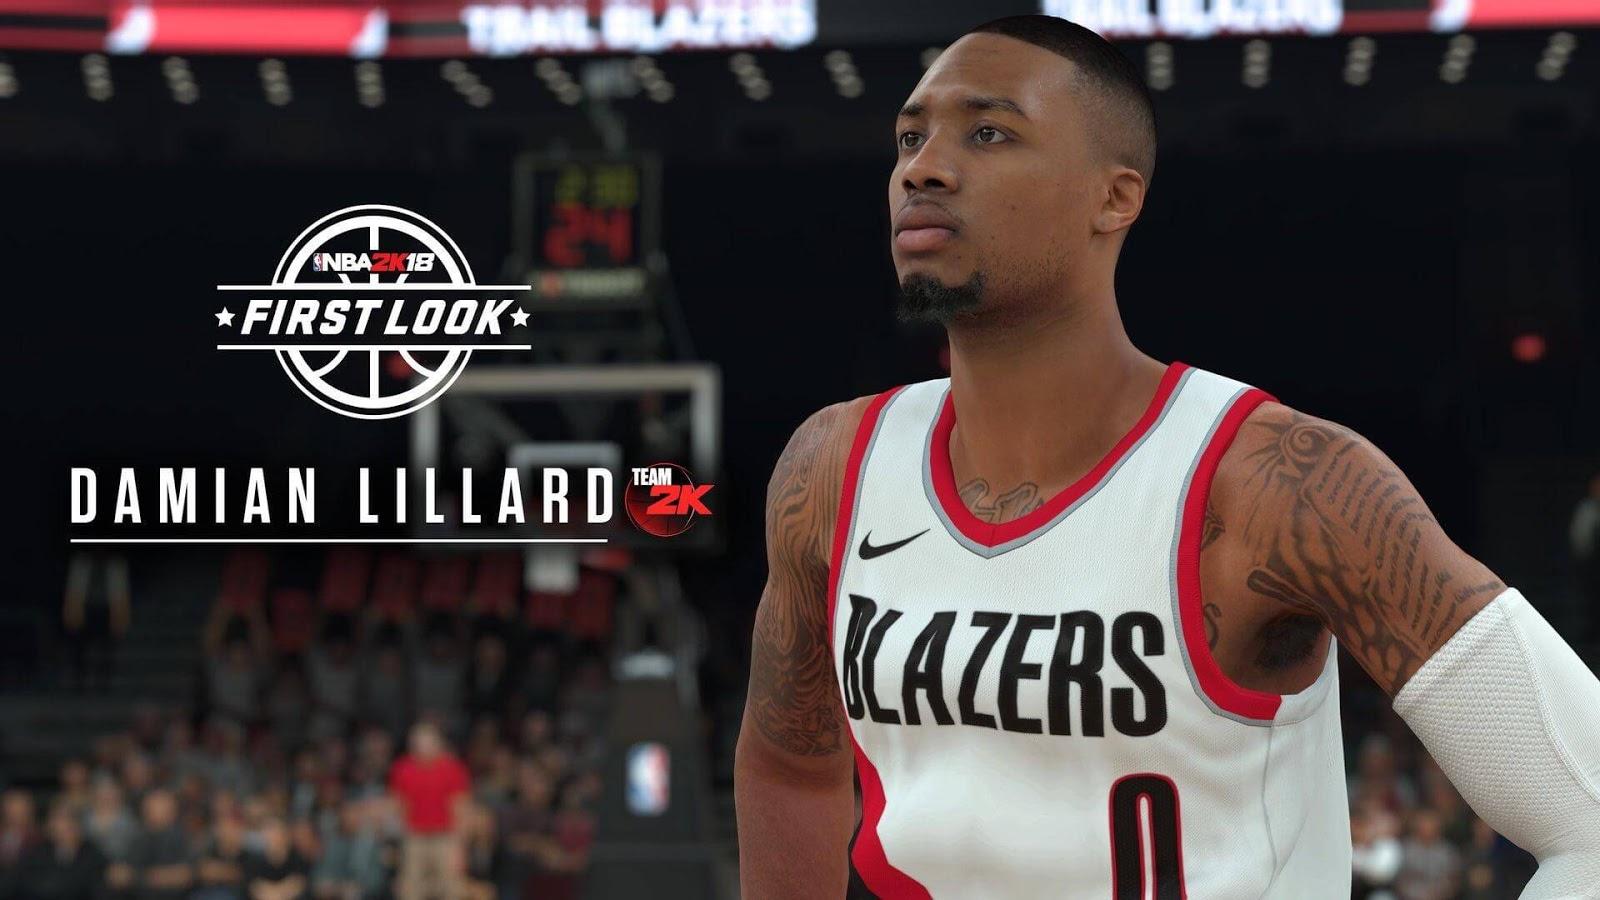 NBA 2k18 Damian Lillard Screenshot